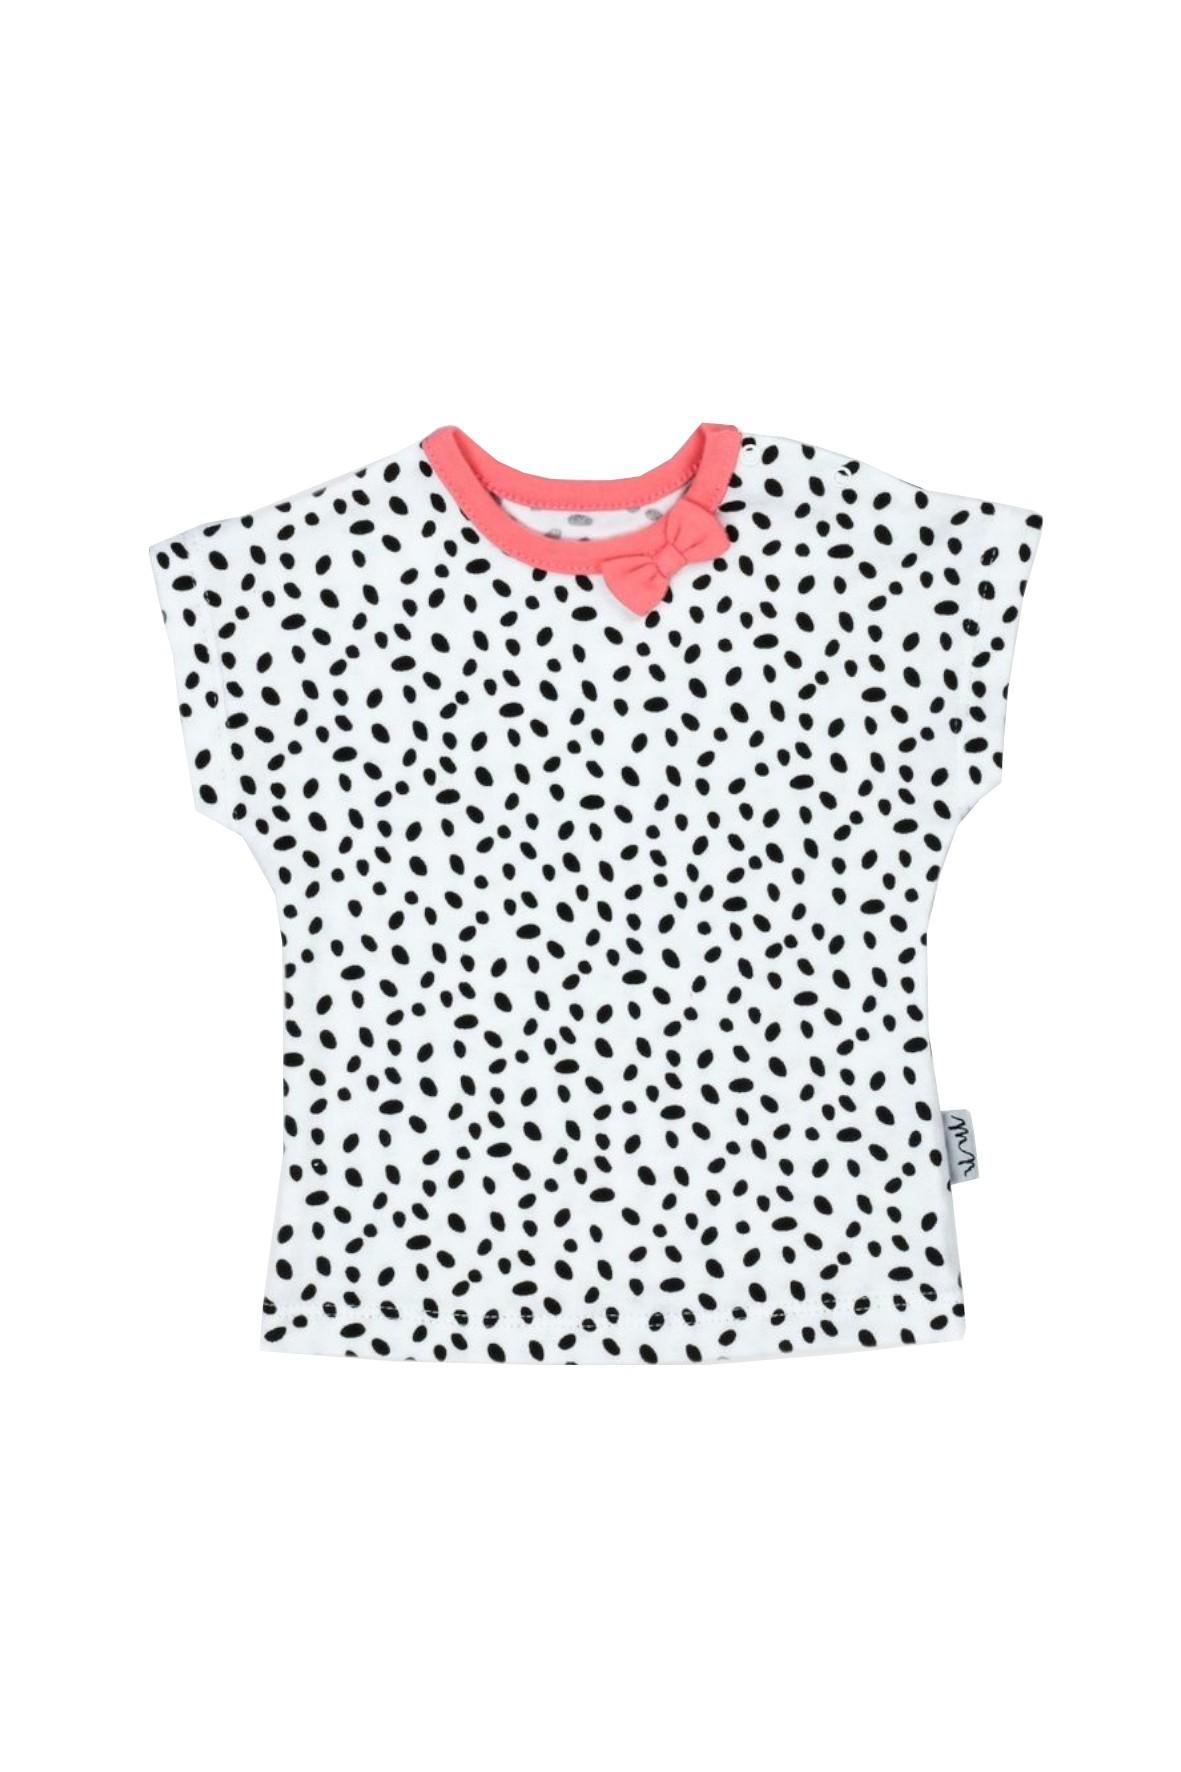 Biała koszulka dziewczęca w czarne kropki z kokardką